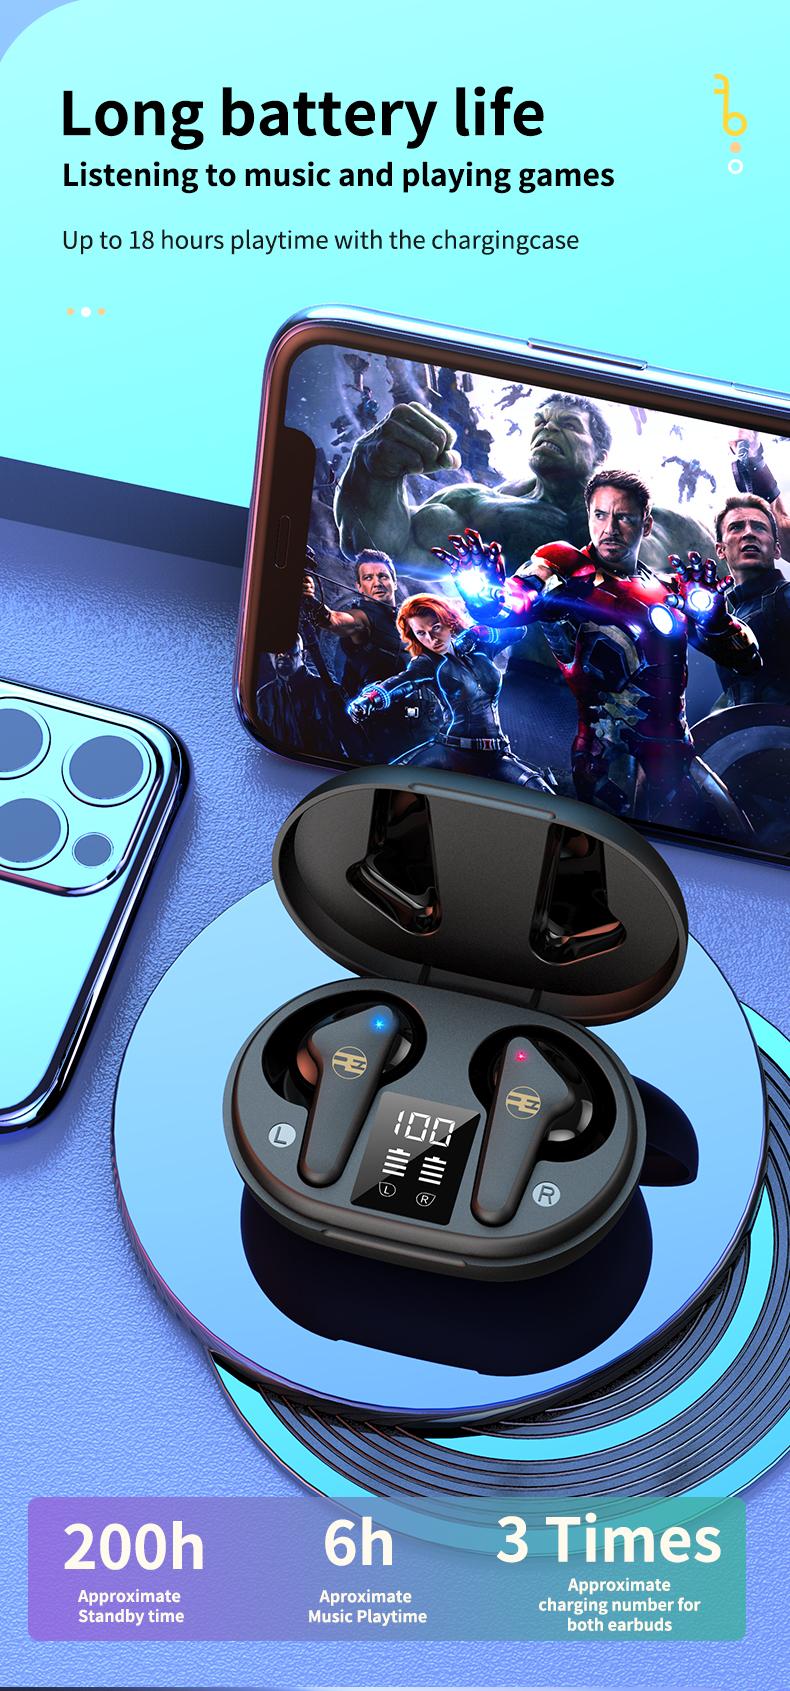 Tai Nghe Bluetooth V5.0 True Wireless Không Dây Reroka Torpedo 2021 Cảm Ứng Vân Tay Âm Thanh Hi-Fi  Bass Căng Trầm Pin Trâu Hiển Thị Mức Pin Đèn Led Chống Ồn Chống Nước Đổi Tên Thiết Bị Kiểu Giáng Thể Thao Đeo Chắc Tai 3 Màu Trắng Hồng Đen- Hàng Chính Hãng7